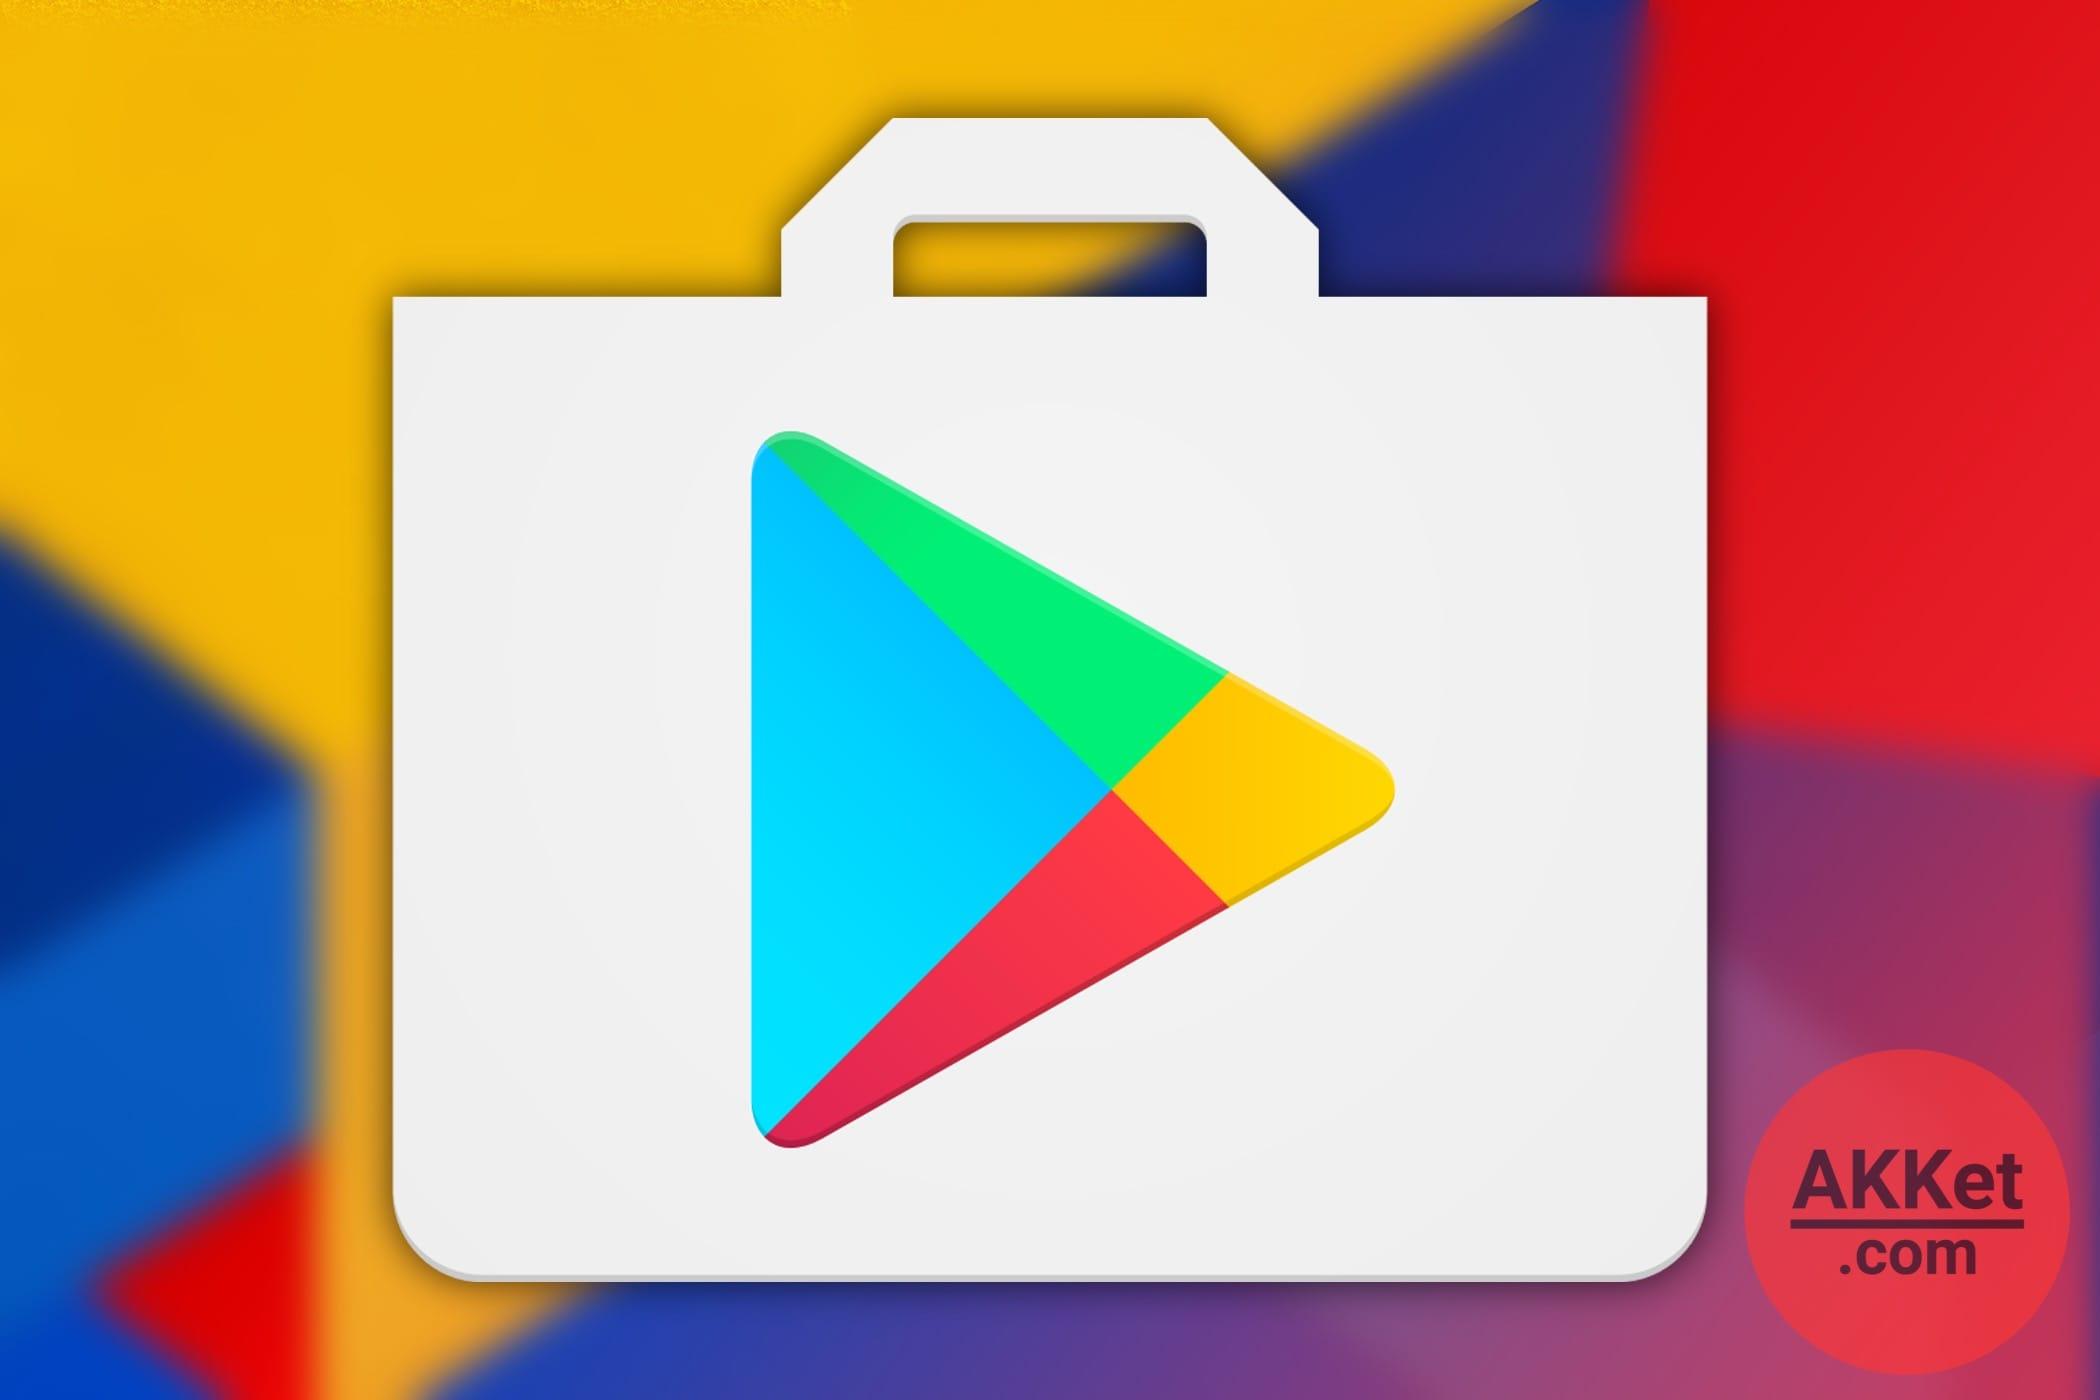 Вмагазин Google Play компания Google впервый раз внедрила системуAI